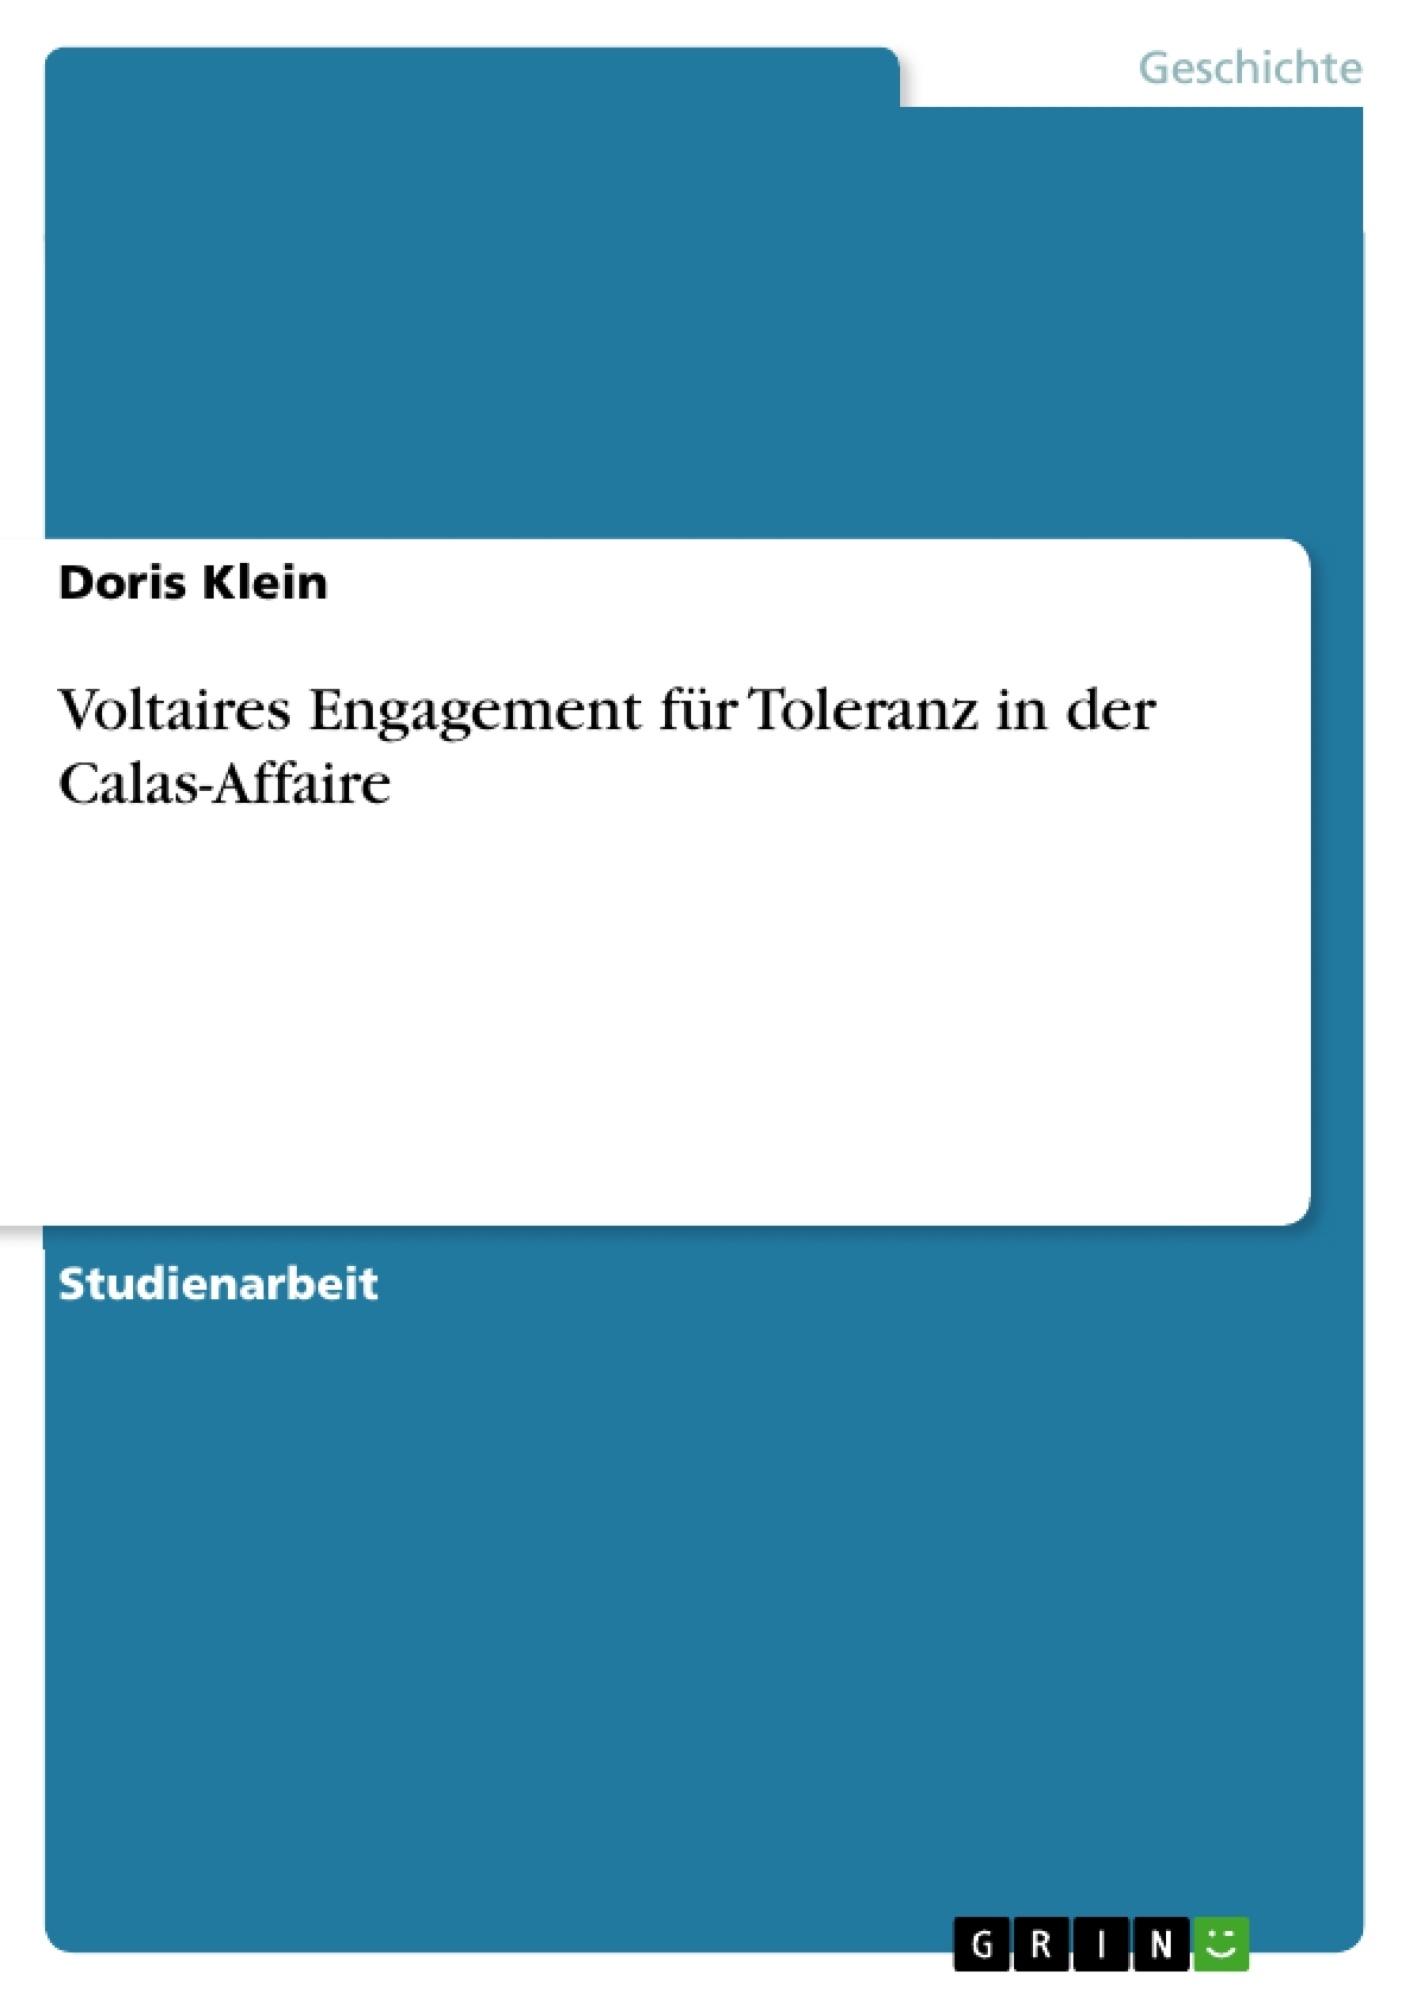 Titel: Voltaires Engagement für Toleranz in der Calas-Affaire